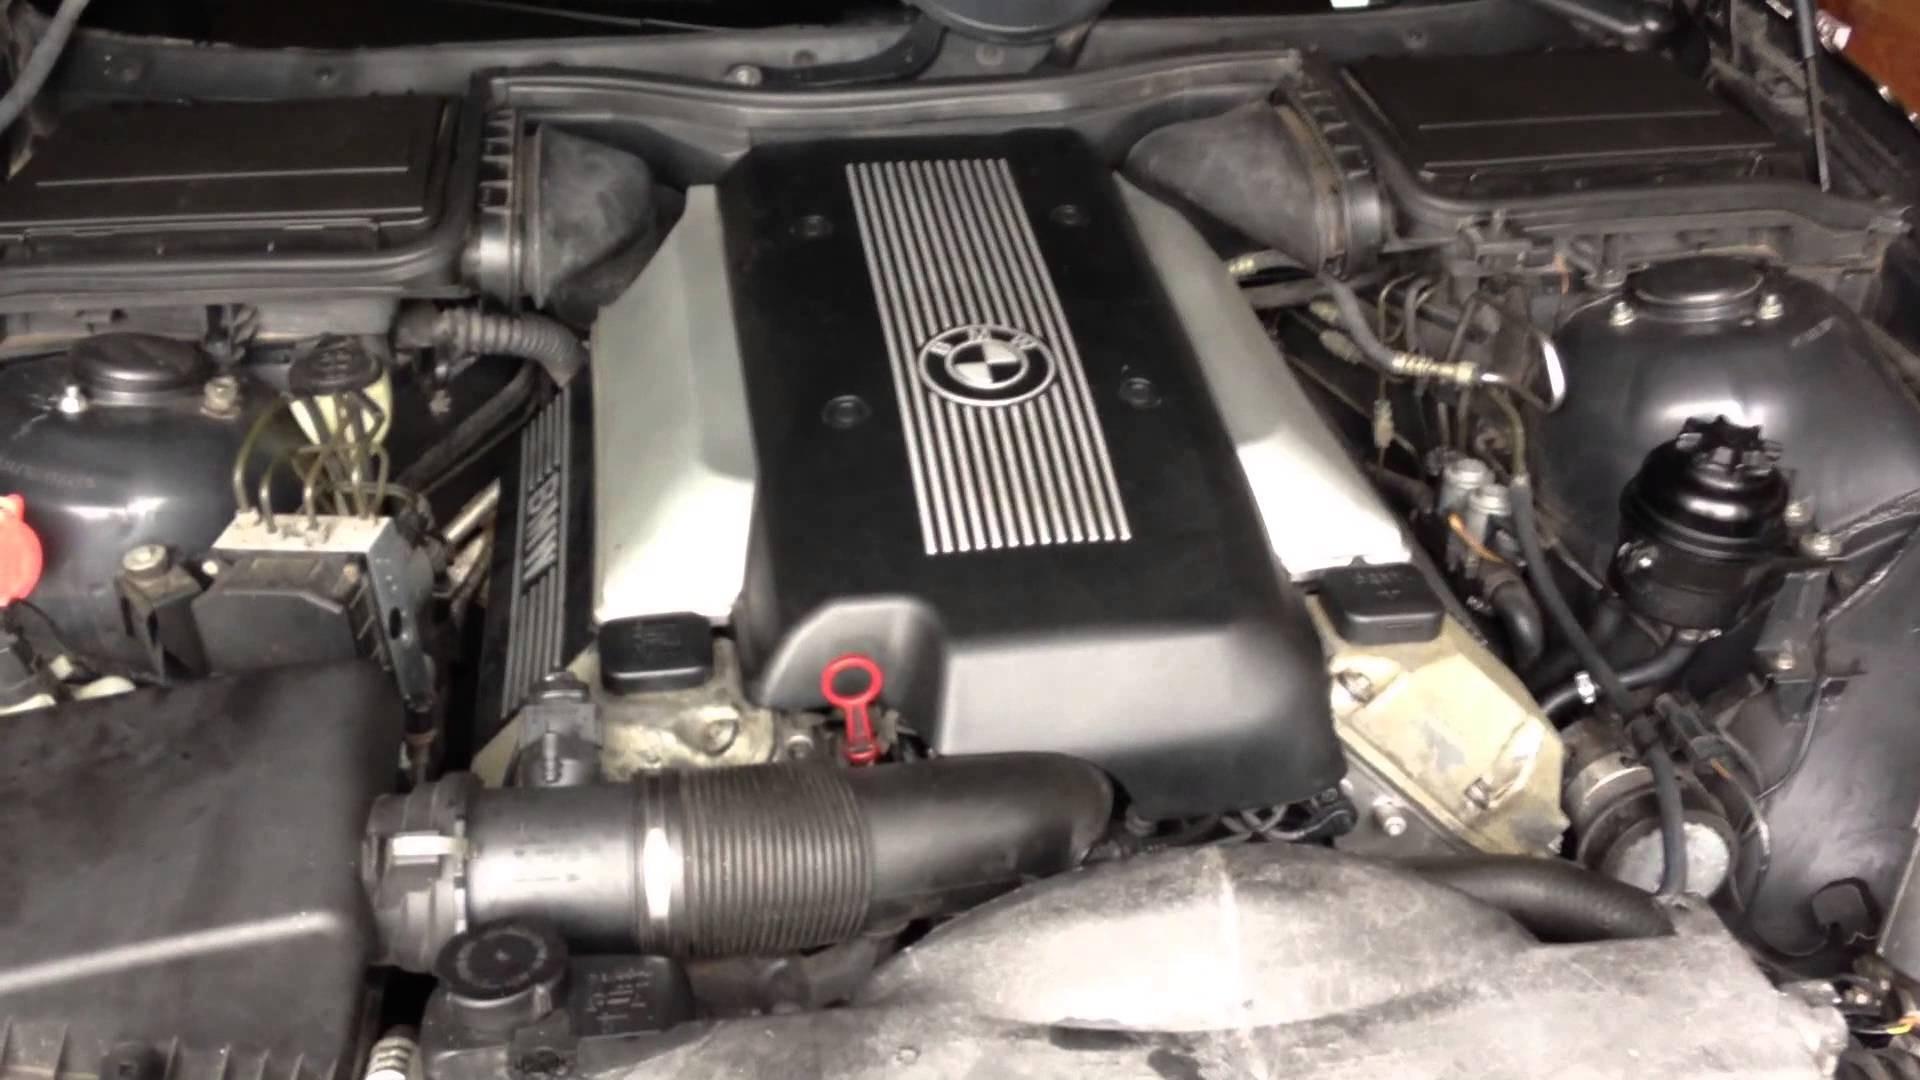 2000 Bmw 528i Engine Diagram Bmw E39 540i M62 V8 Spark Plug Diy Of 2000 Bmw 528i Engine Diagram